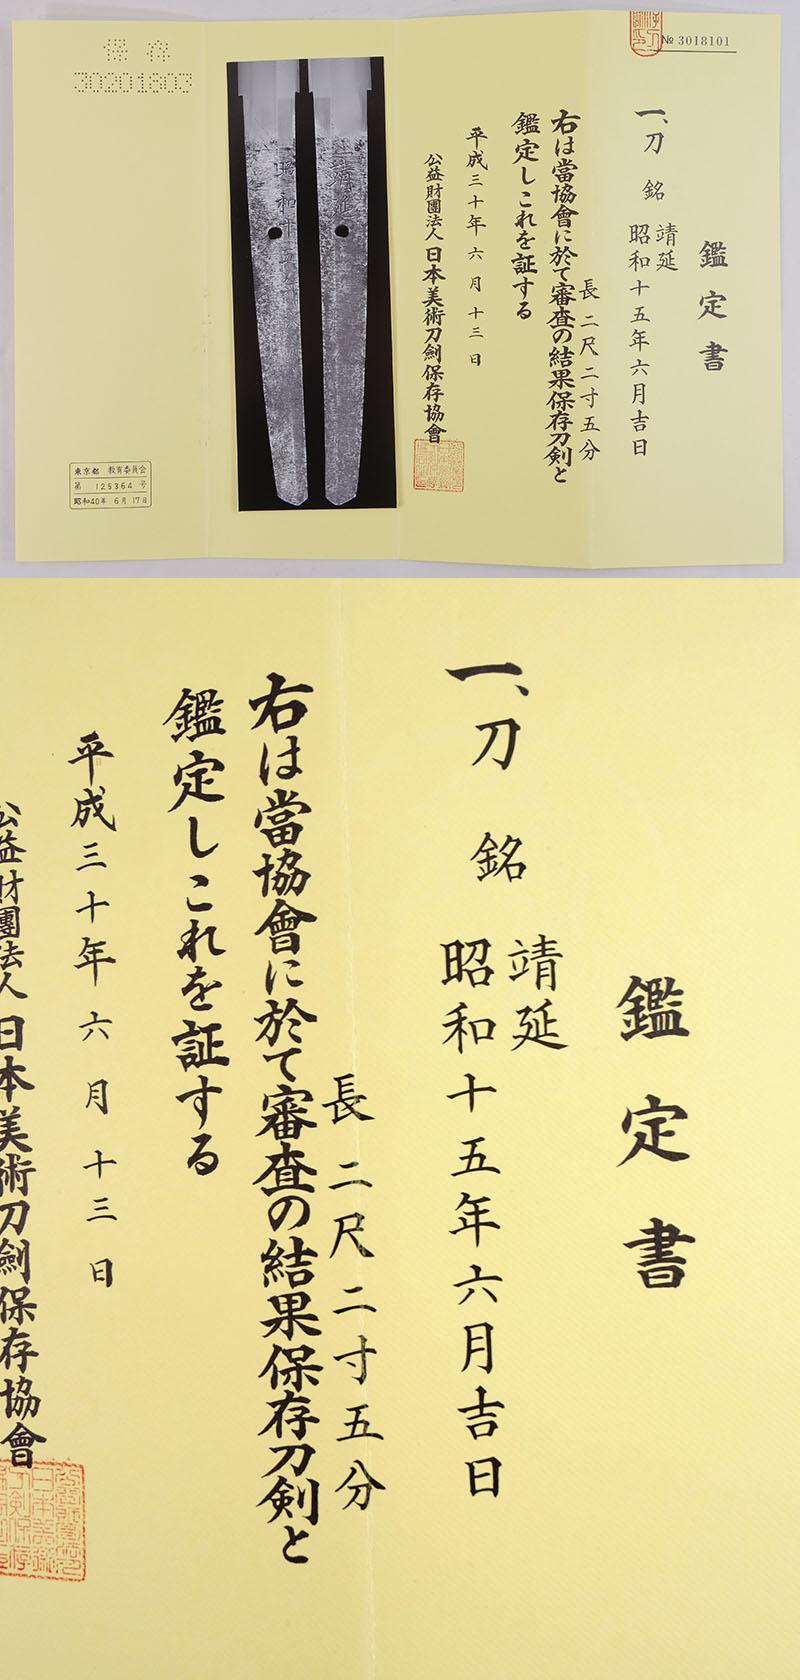 靖延(村上靖延) Picture of Certificate